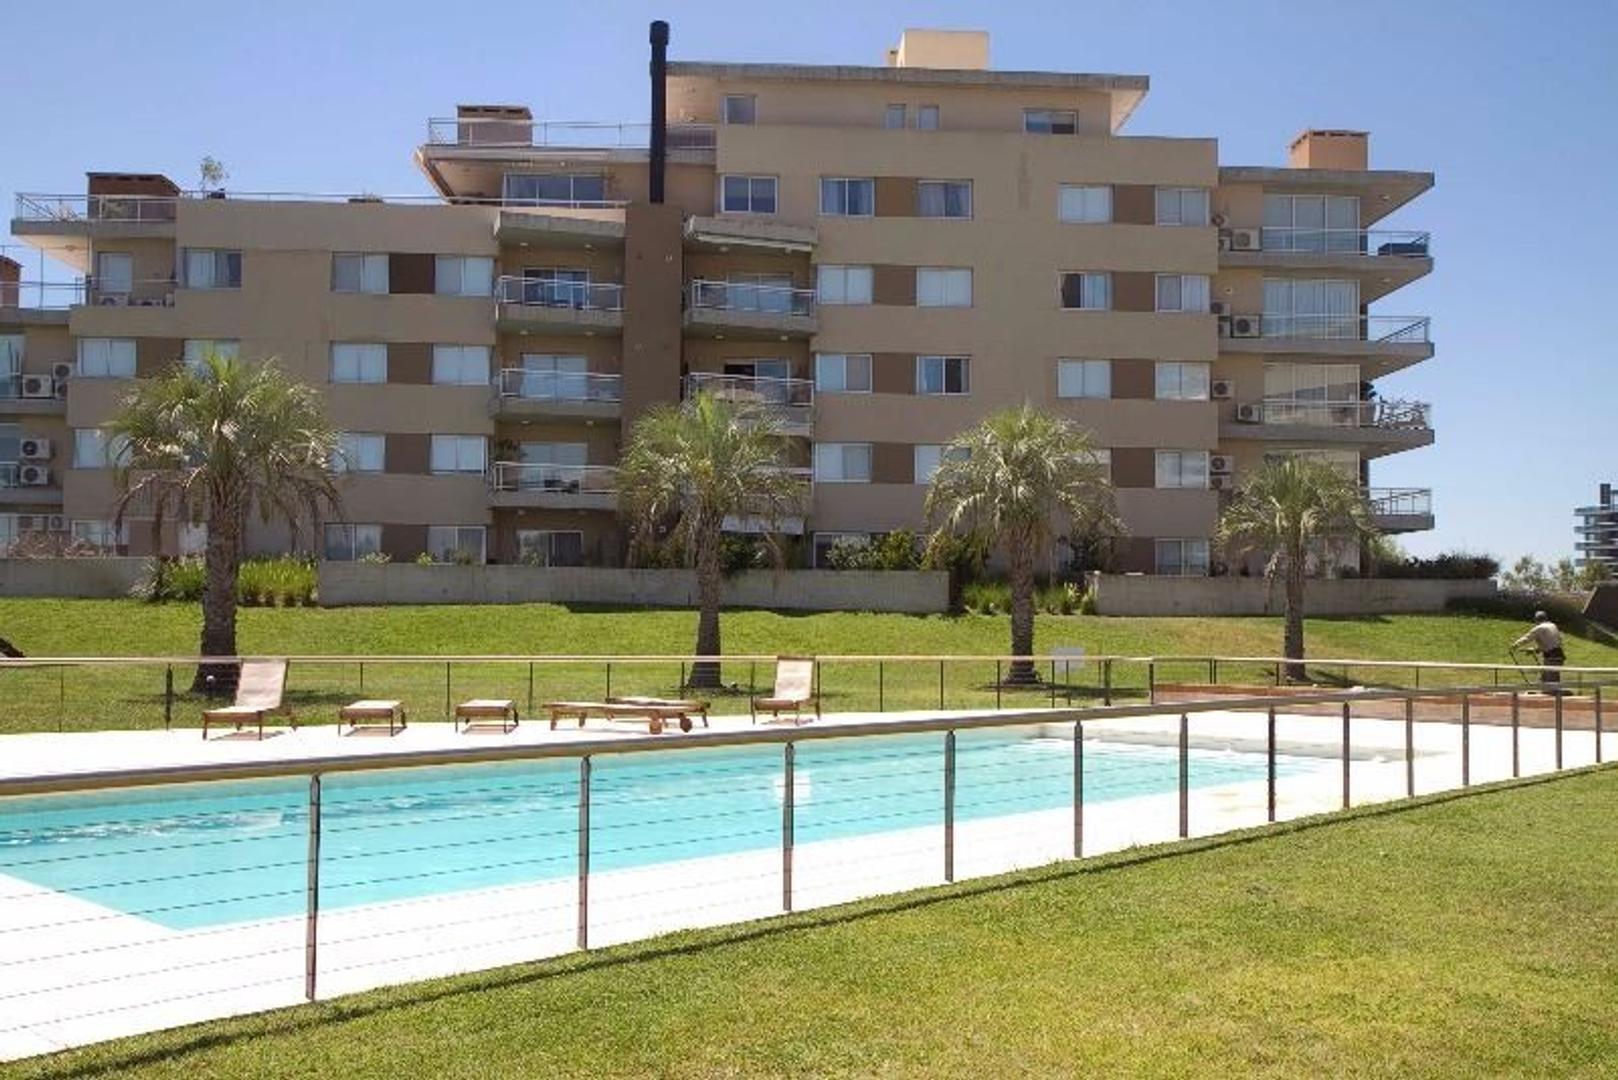 Excelente departamento de 2 ambientes con cochera fija, balcón con parrilla y vista a la bahía